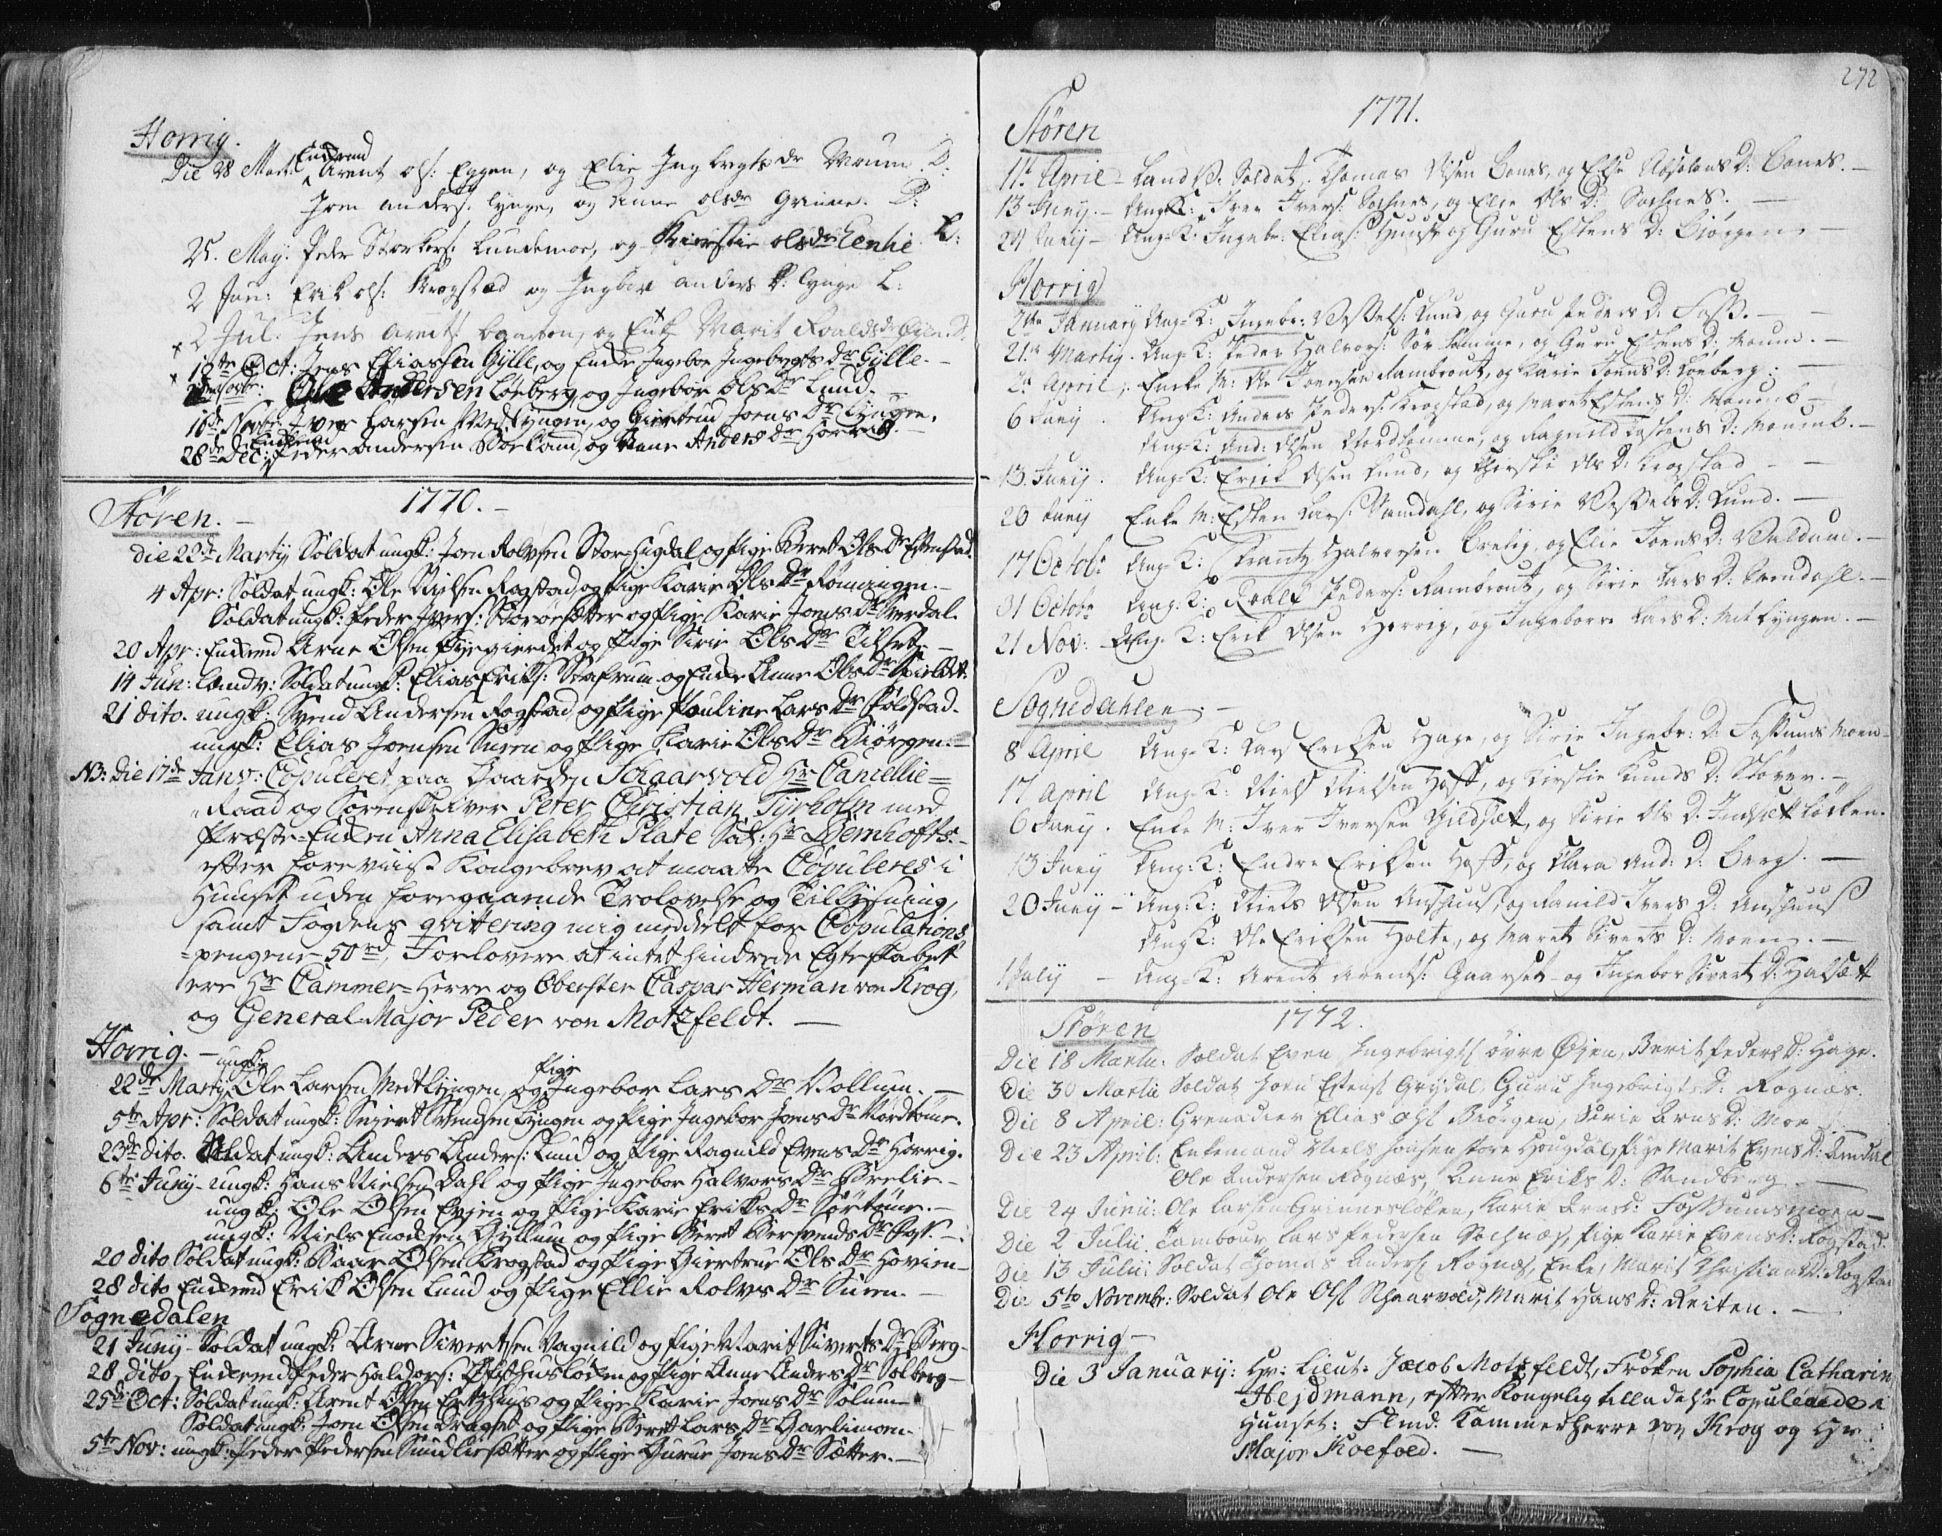 SAT, Ministerialprotokoller, klokkerbøker og fødselsregistre - Sør-Trøndelag, 687/L0991: Ministerialbok nr. 687A02, 1747-1790, s. 272